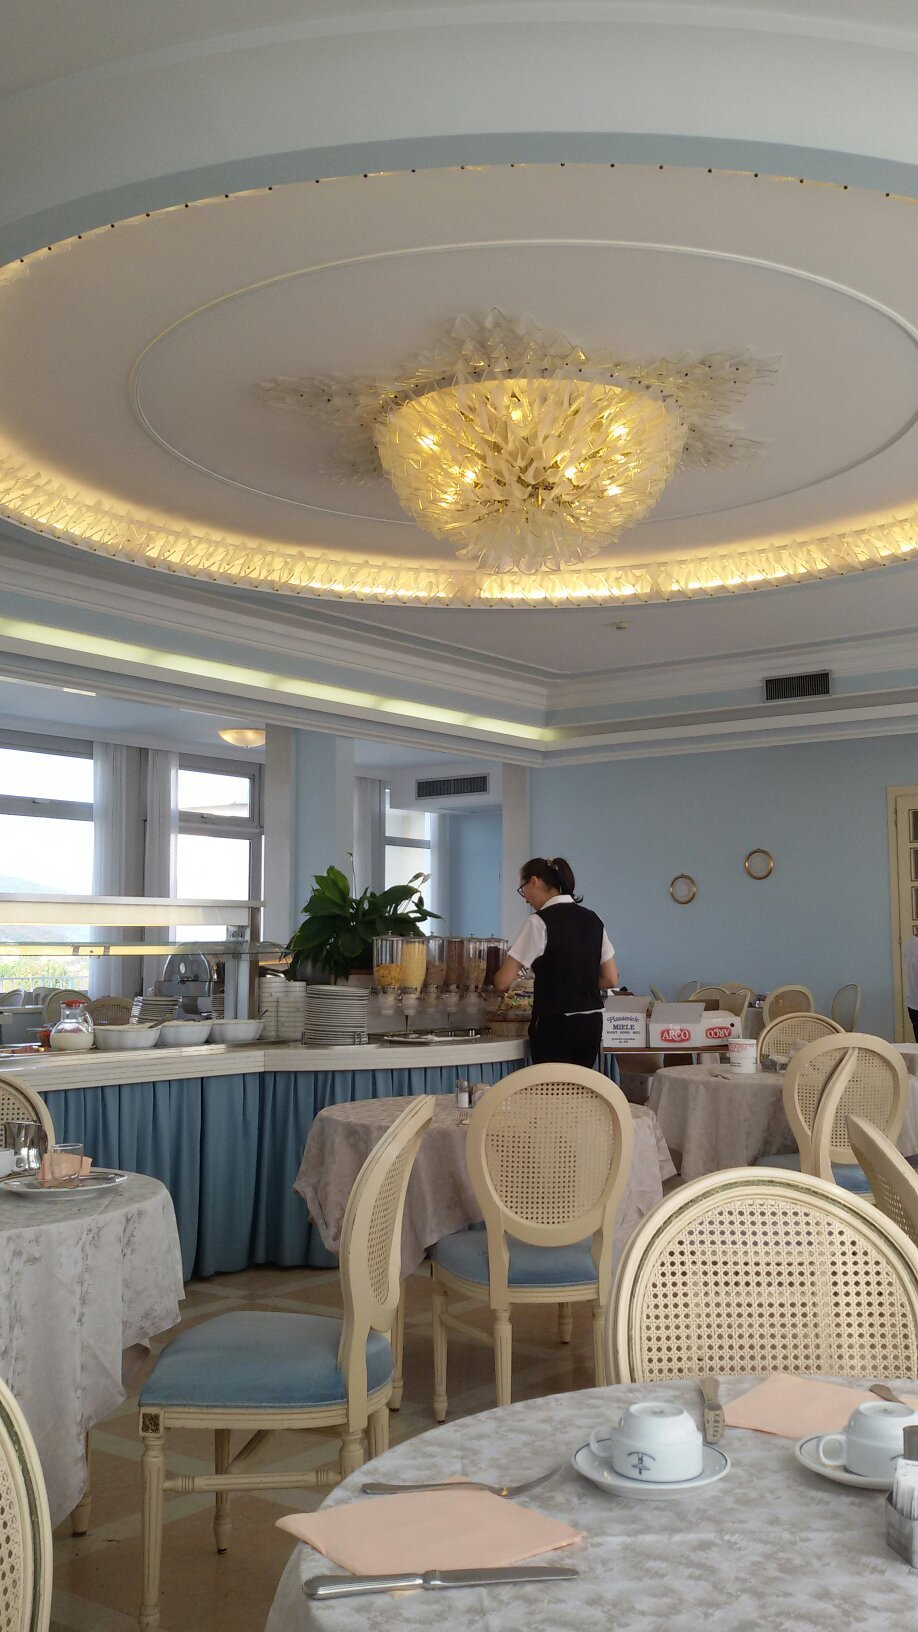 Palace Hotel Meggiorato (Abano Terme): Prezzi 2018 e recensioni